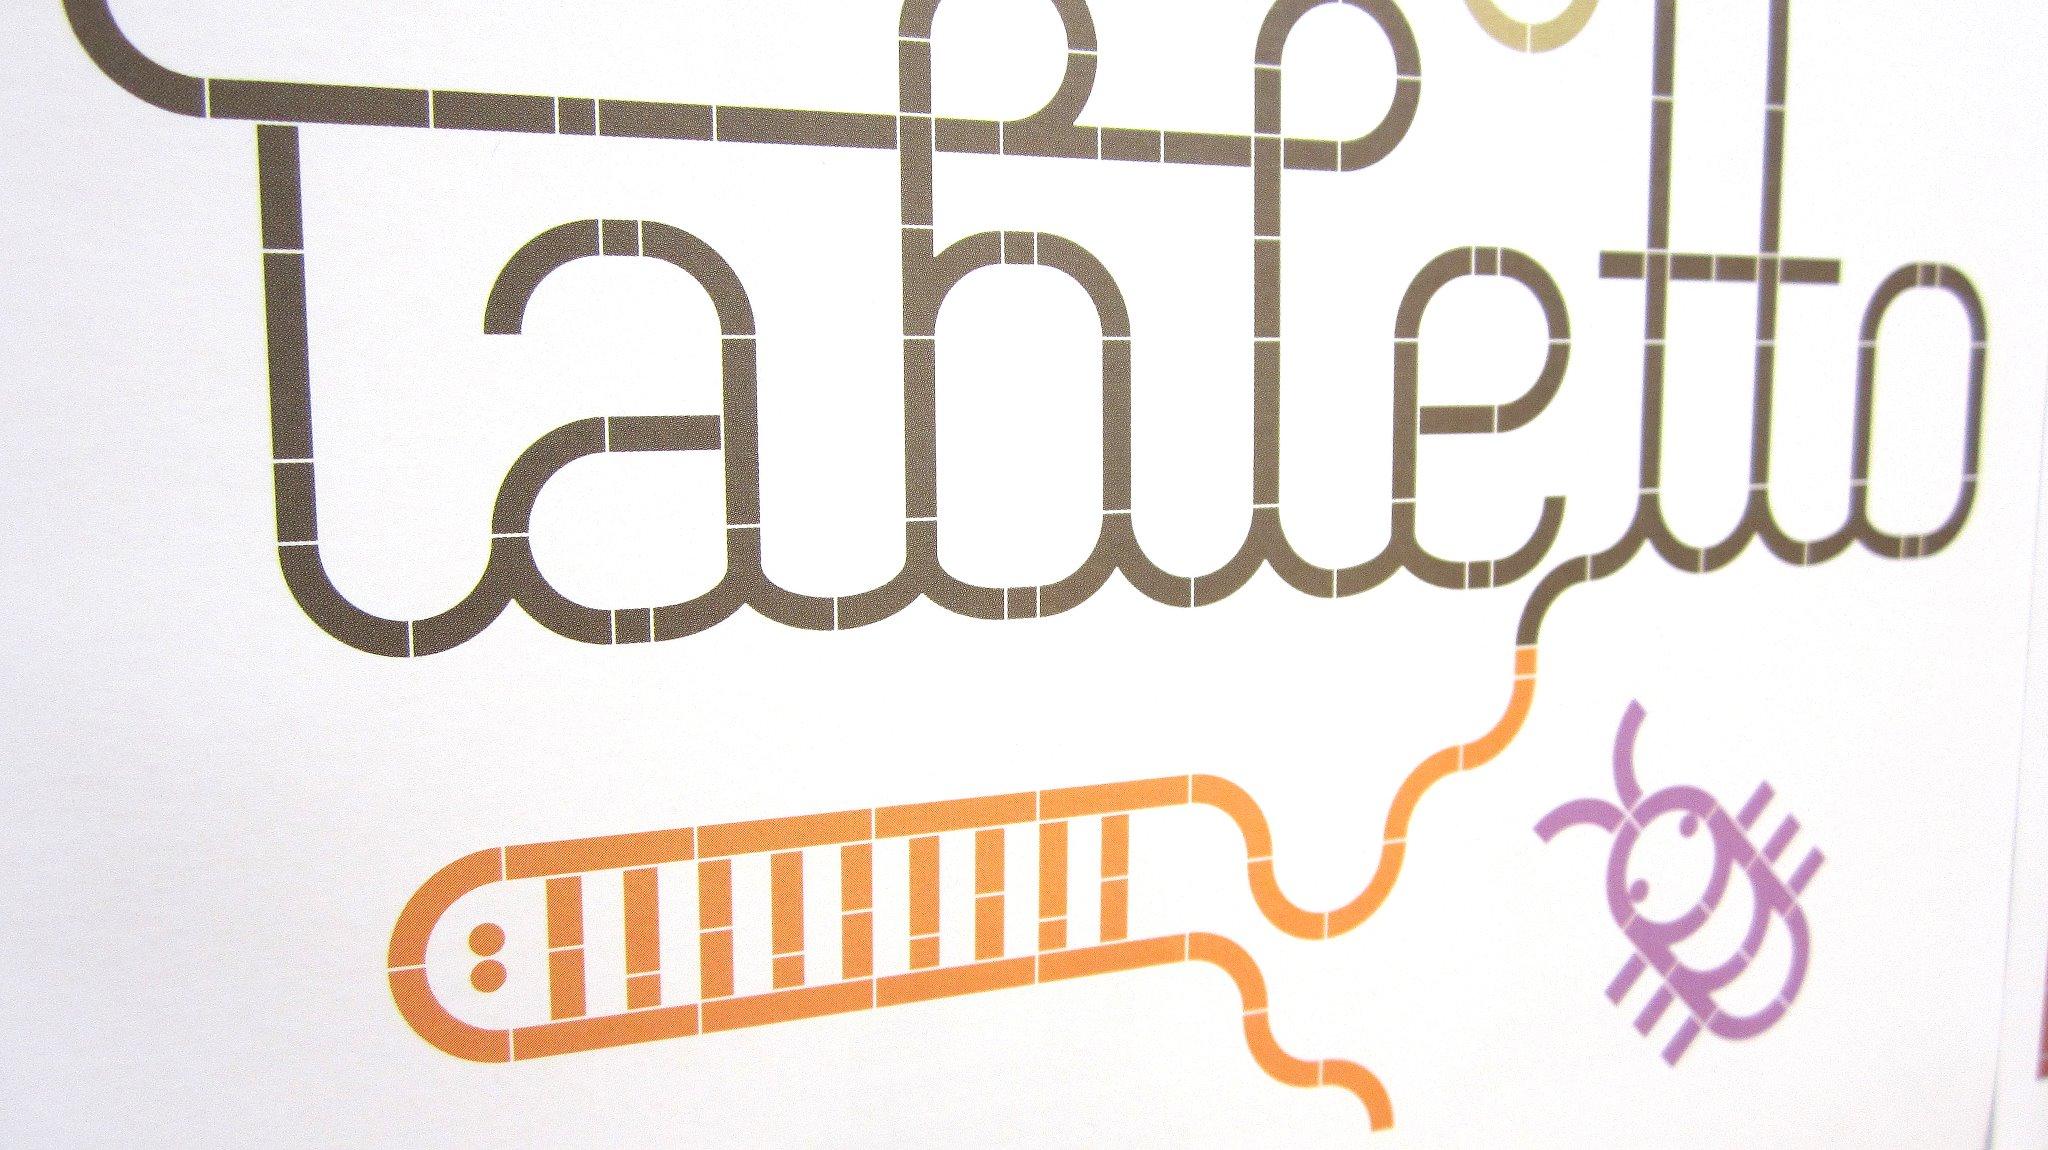 Tabletto_logo_variation